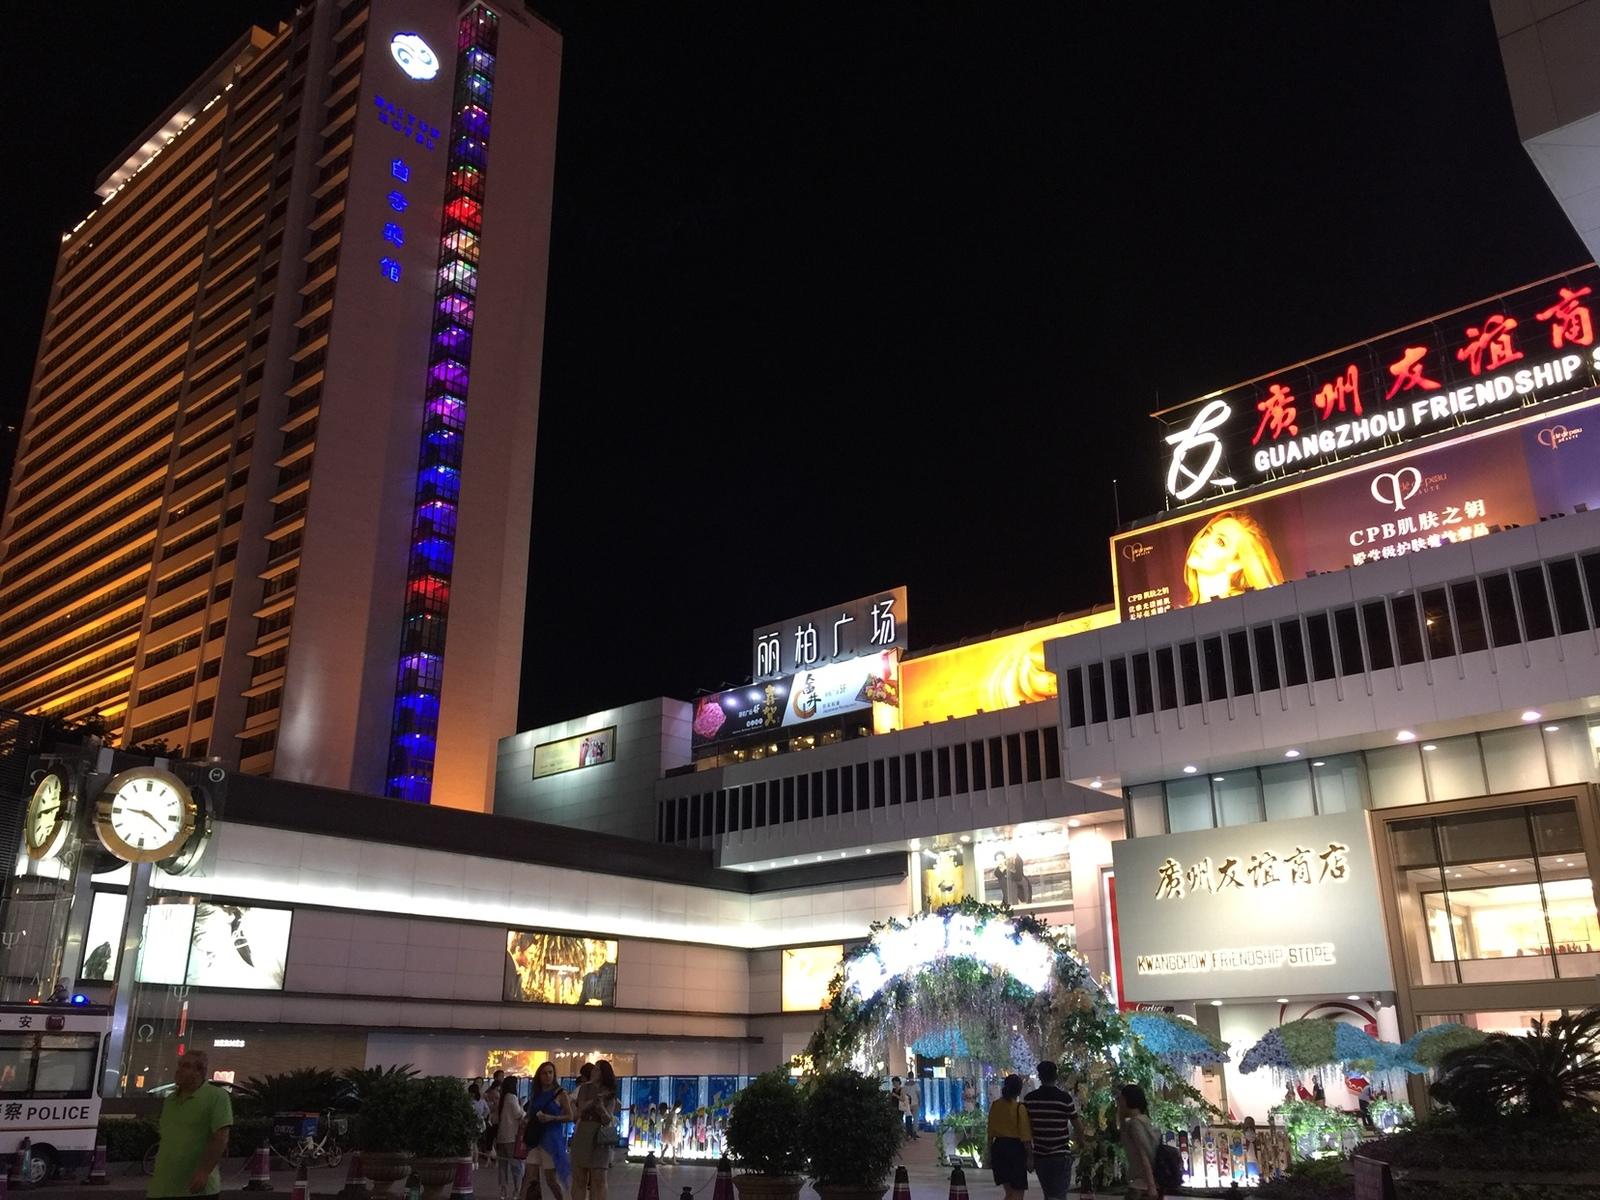 اجمل مدن العالم الصين 474231 المسافرون العرب